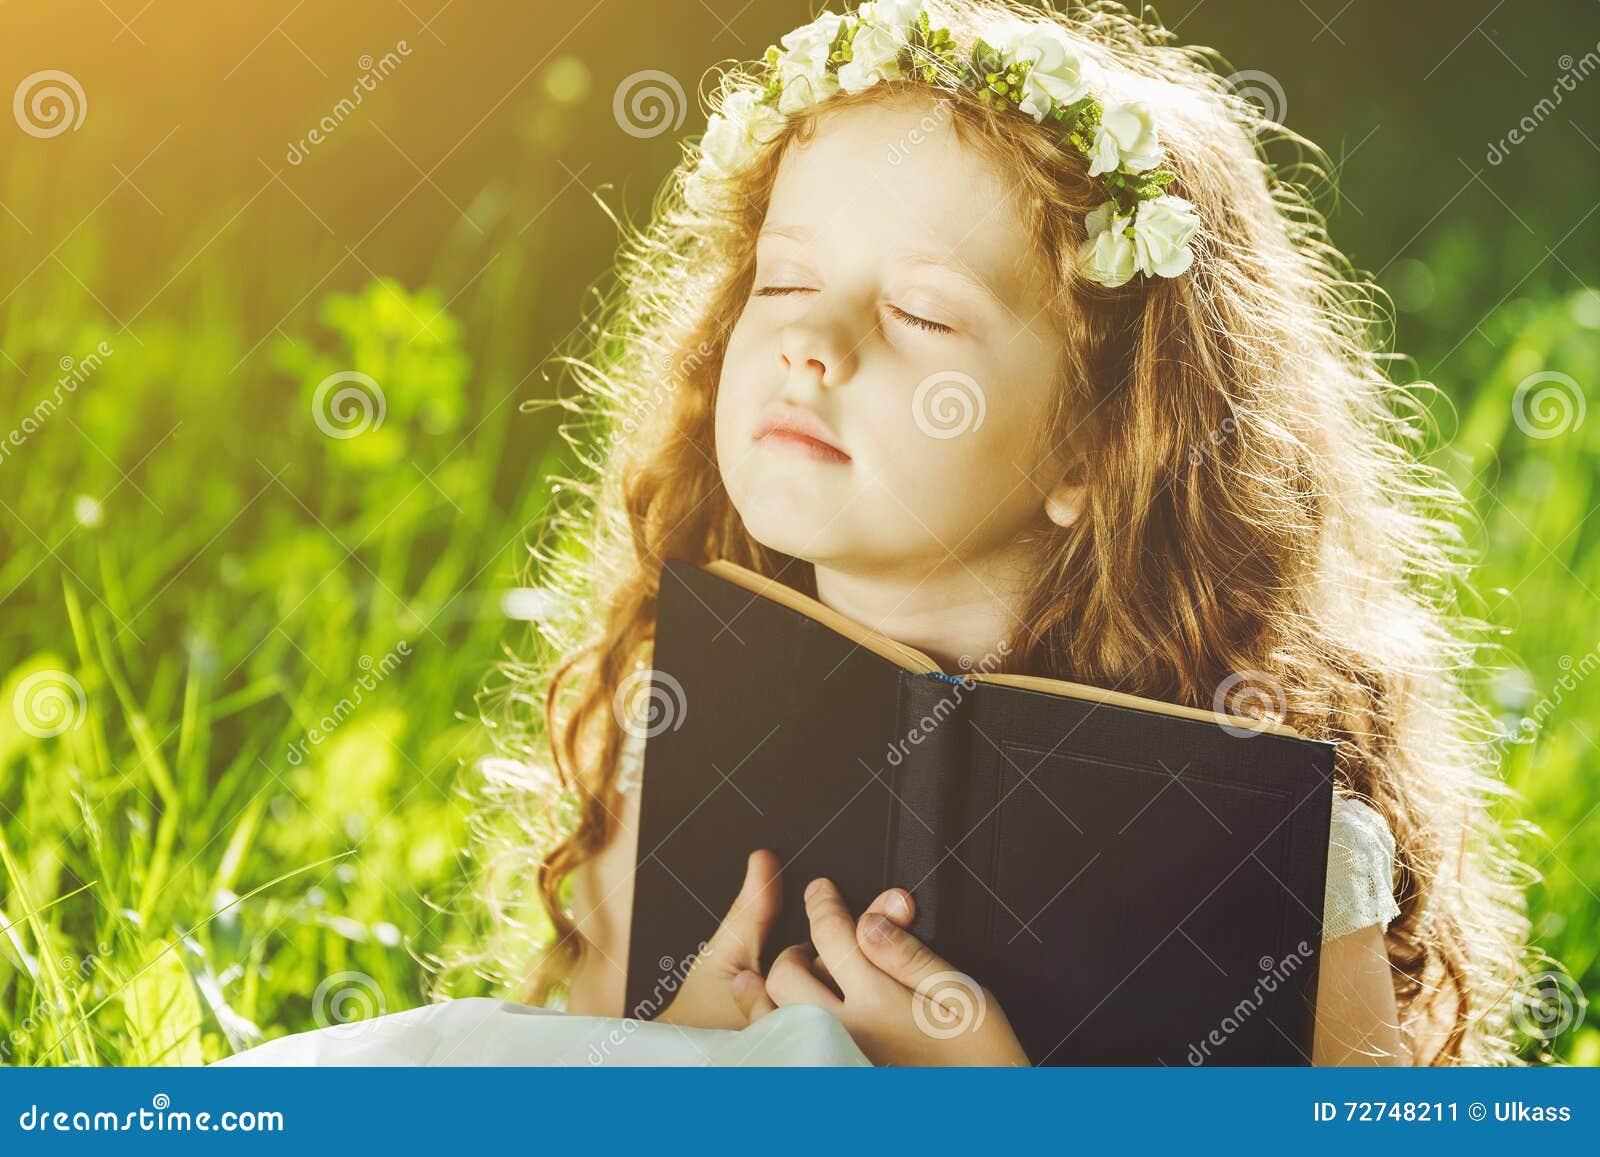 Το μικρό κορίτσι έκλεισε τα μάτια της, προσευμένος, ονειρεμένος ή διαβάζοντας ένα βιβλίο